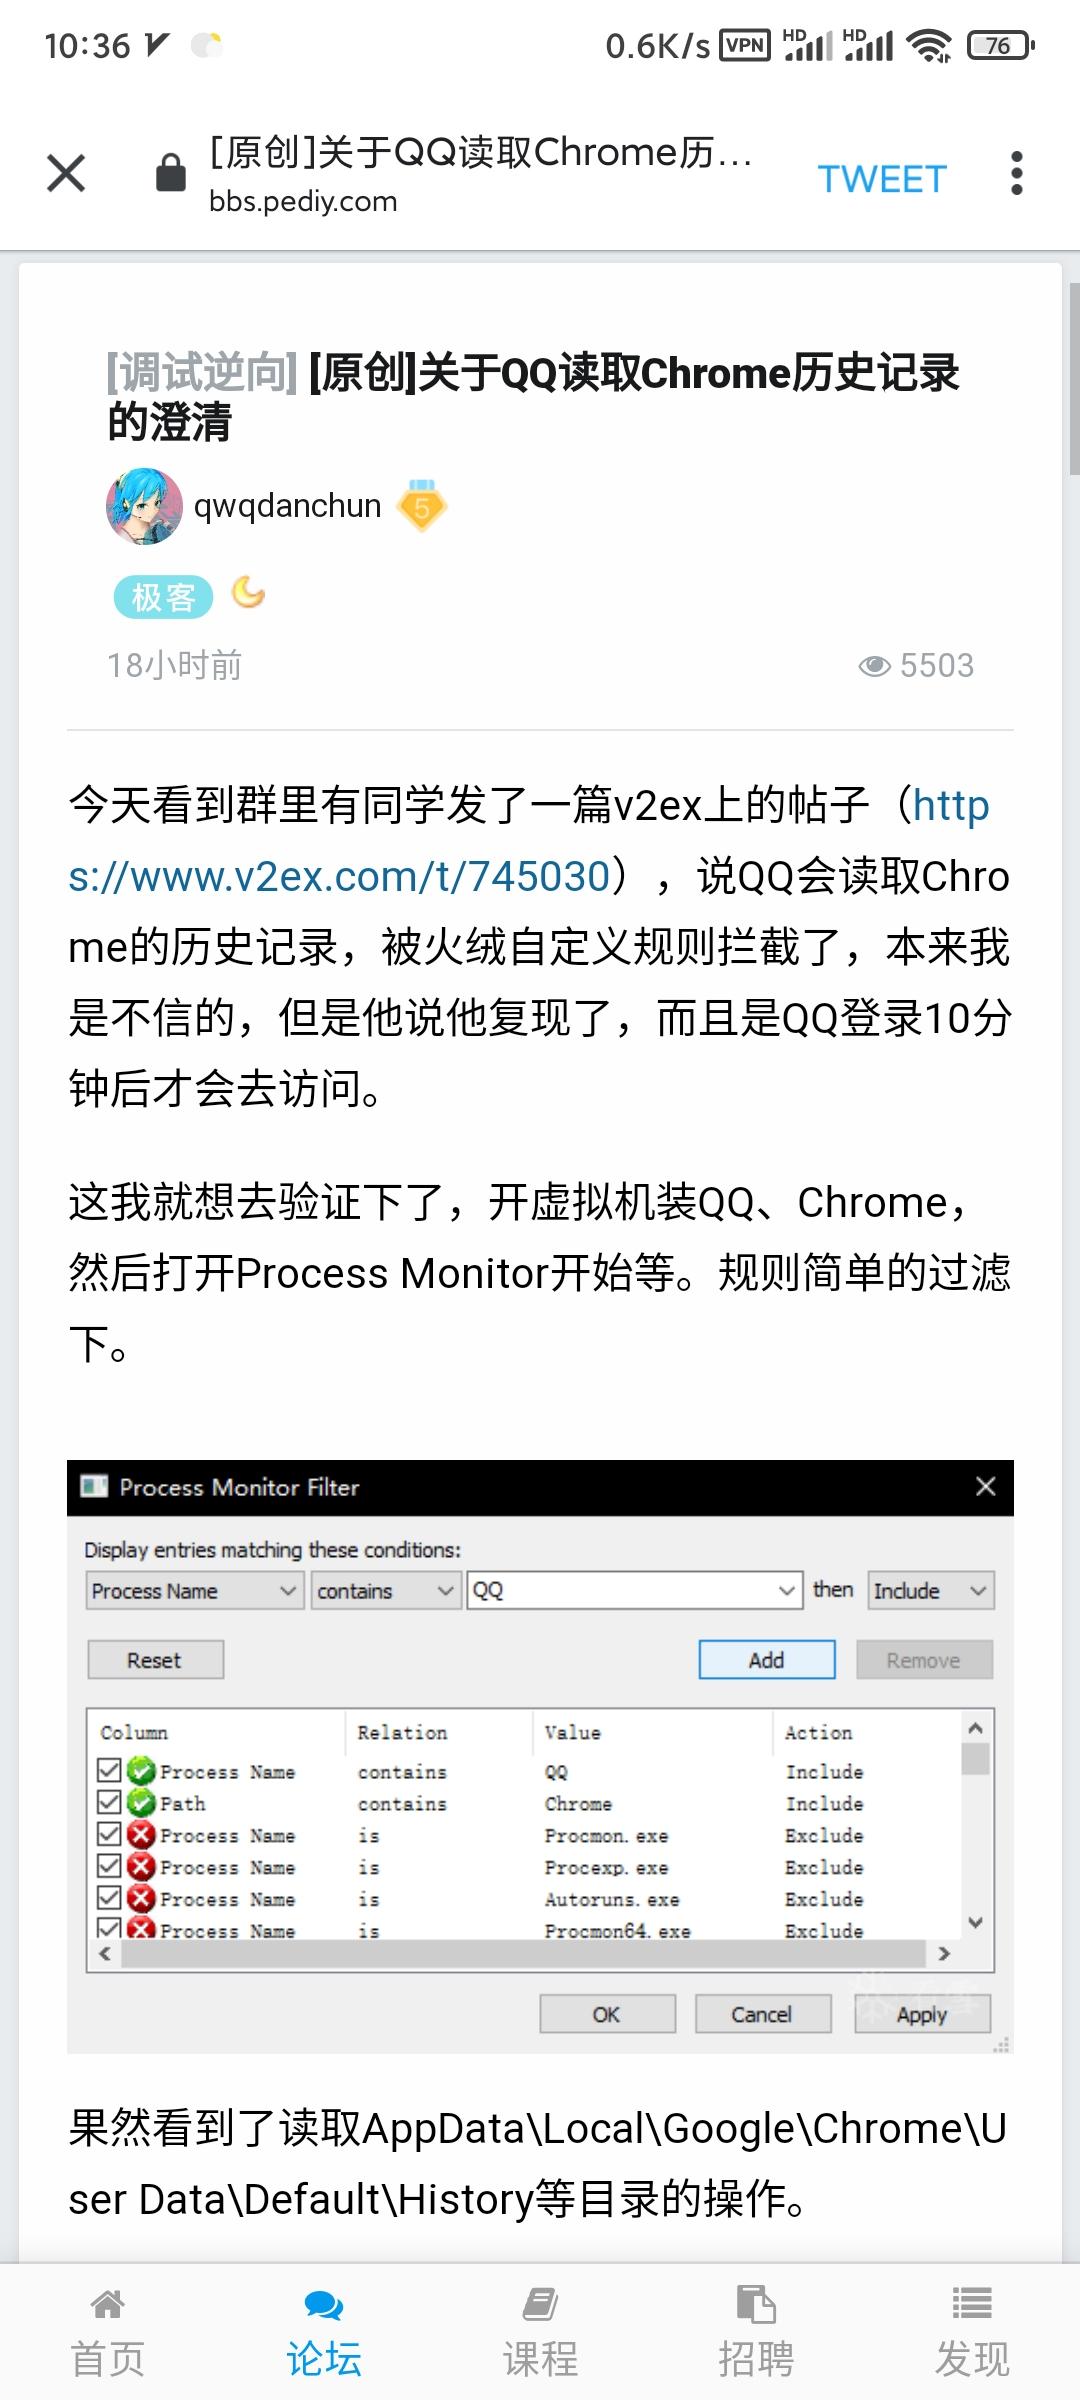 [转发]关于QQ读取Chrome历史记录的澄清~~厉害了!我的马